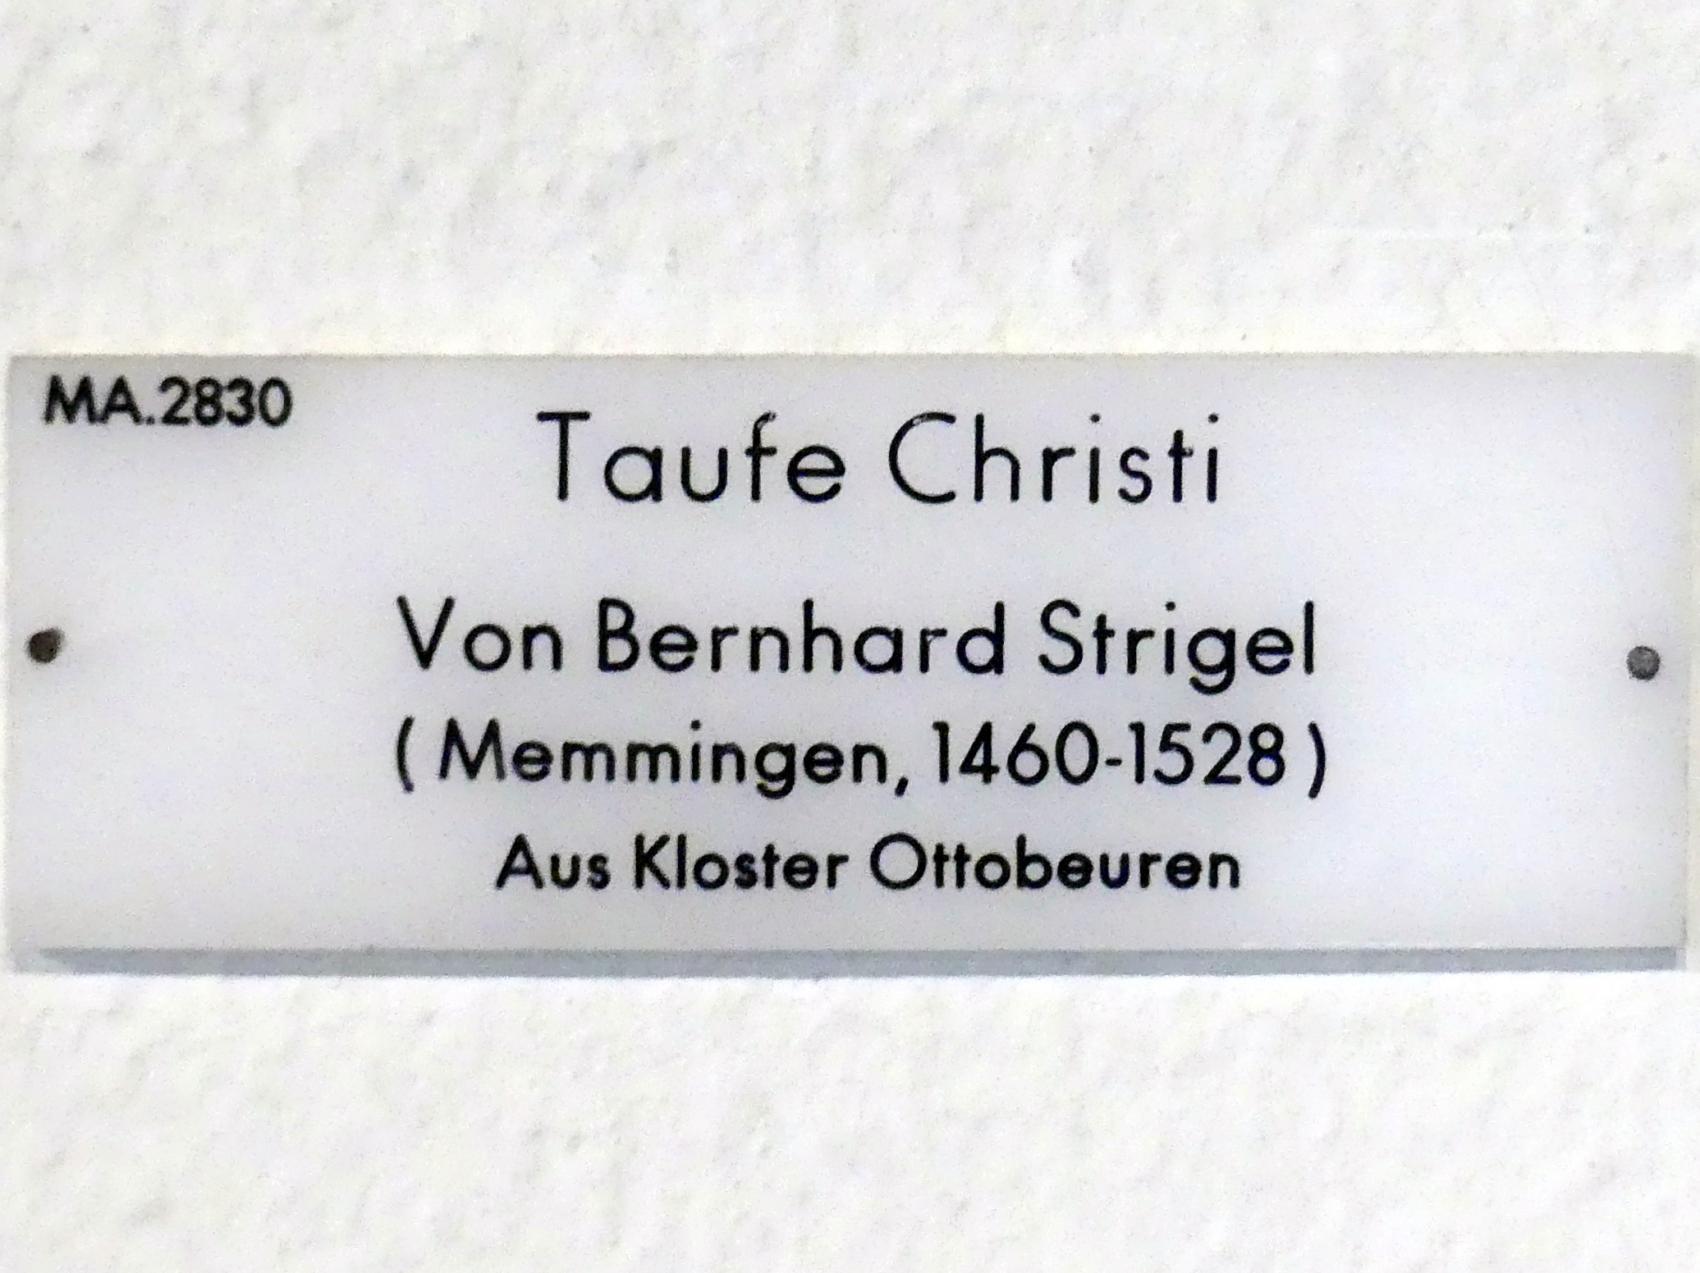 Bernhard Strigel: Taufe Christi, Undatiert, Bild 2/2